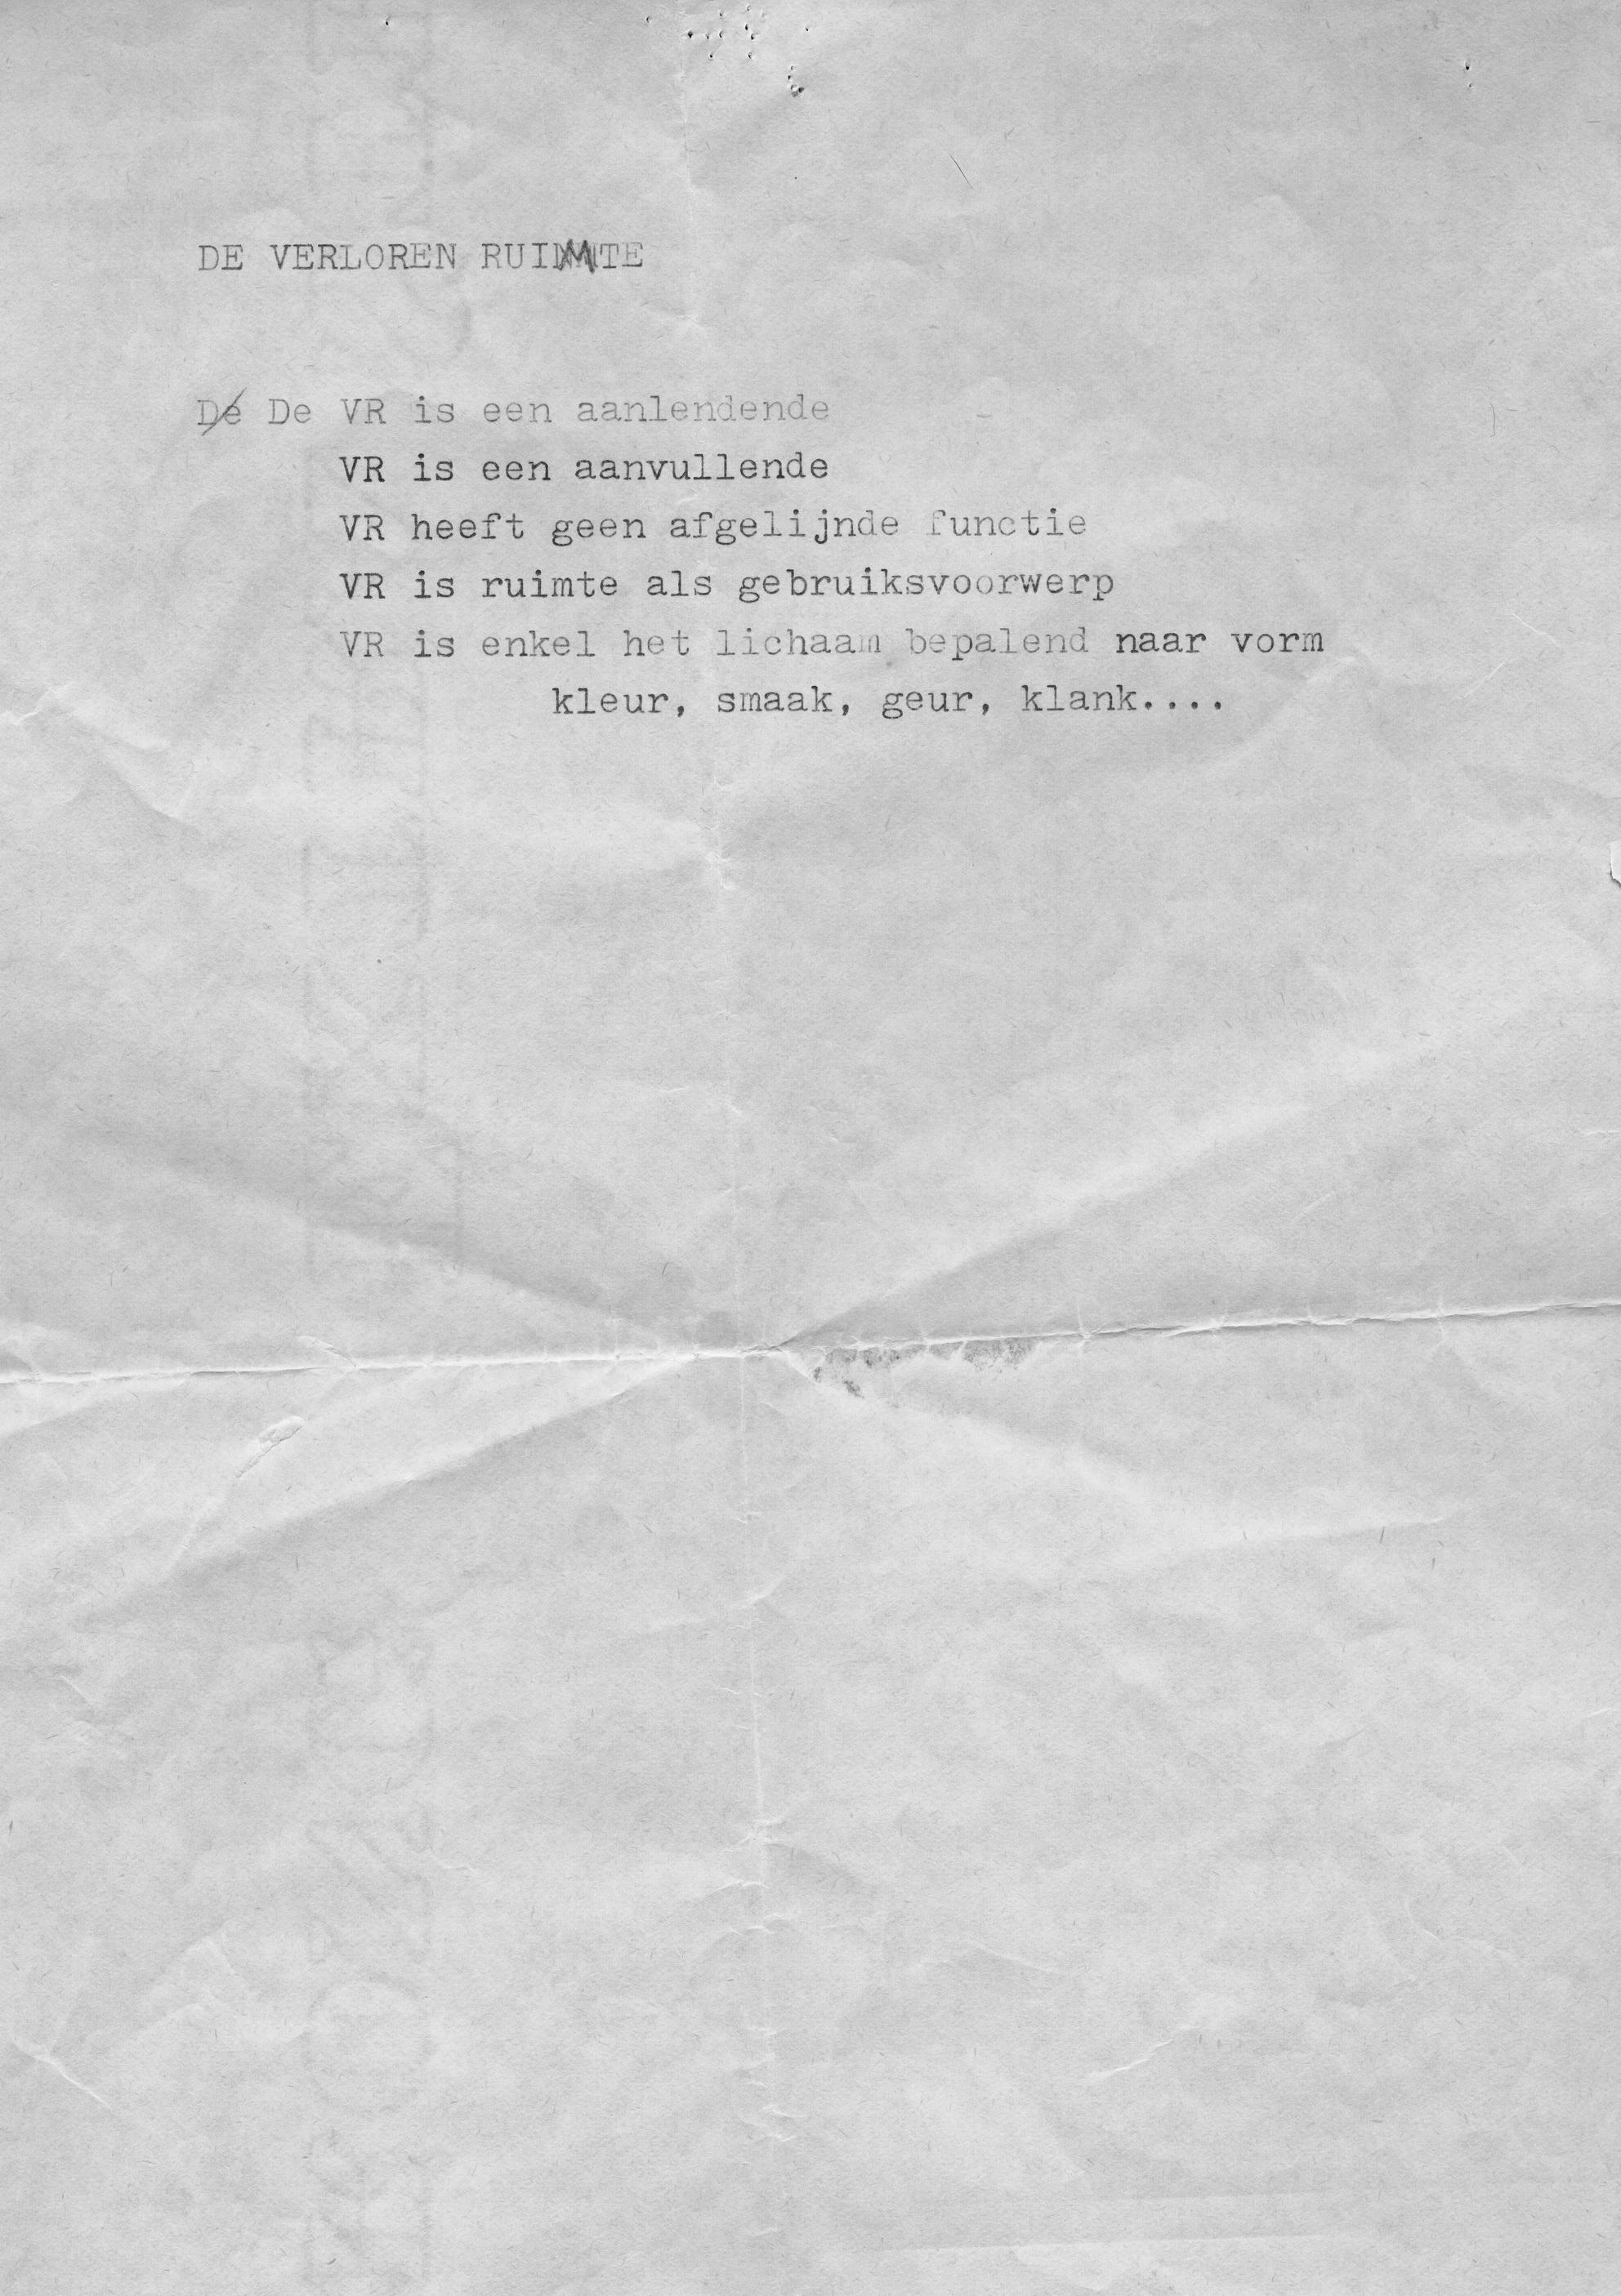   Poster 16-PSD: Verloren Ruimte   ProjecteSD